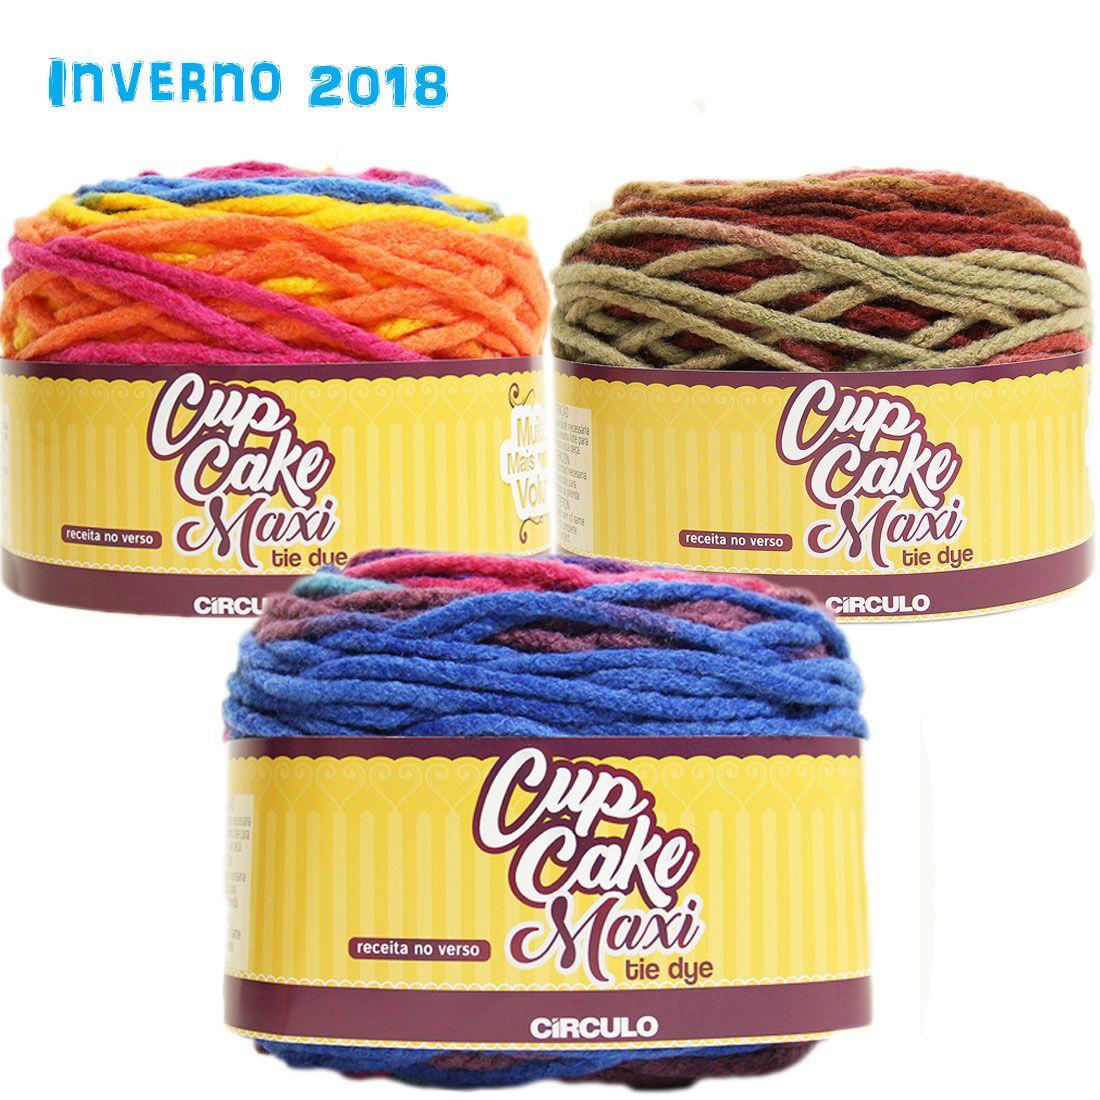 Fio CupCake Maxi Tie Dye Circulo S/A 200g